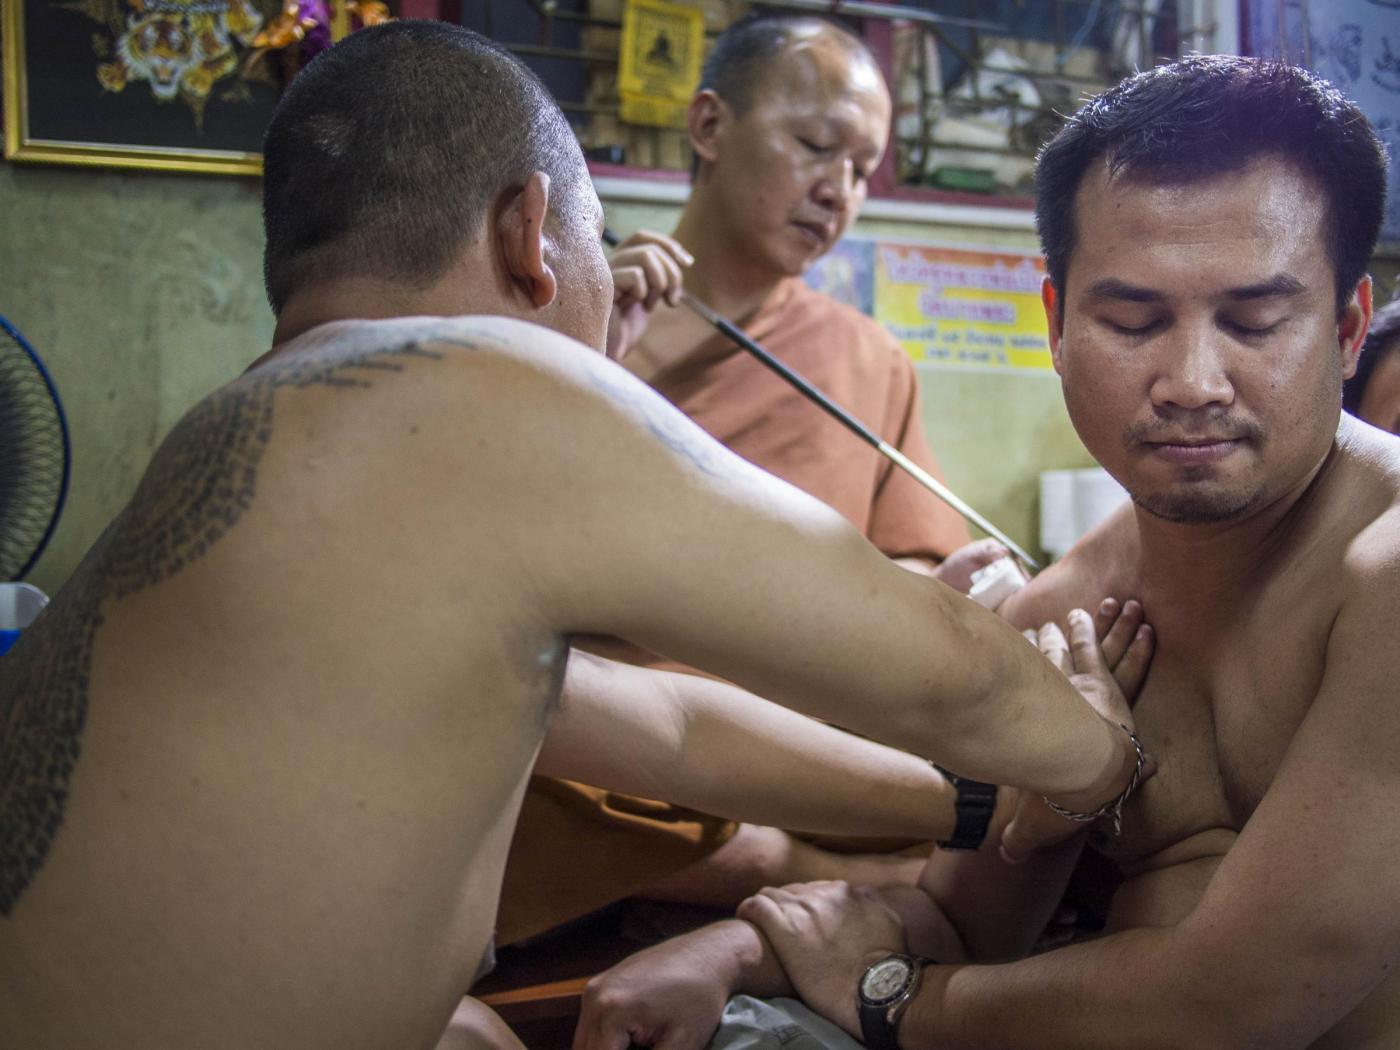 Thailandia, il festival del tatuaggio nel tempio buddista02